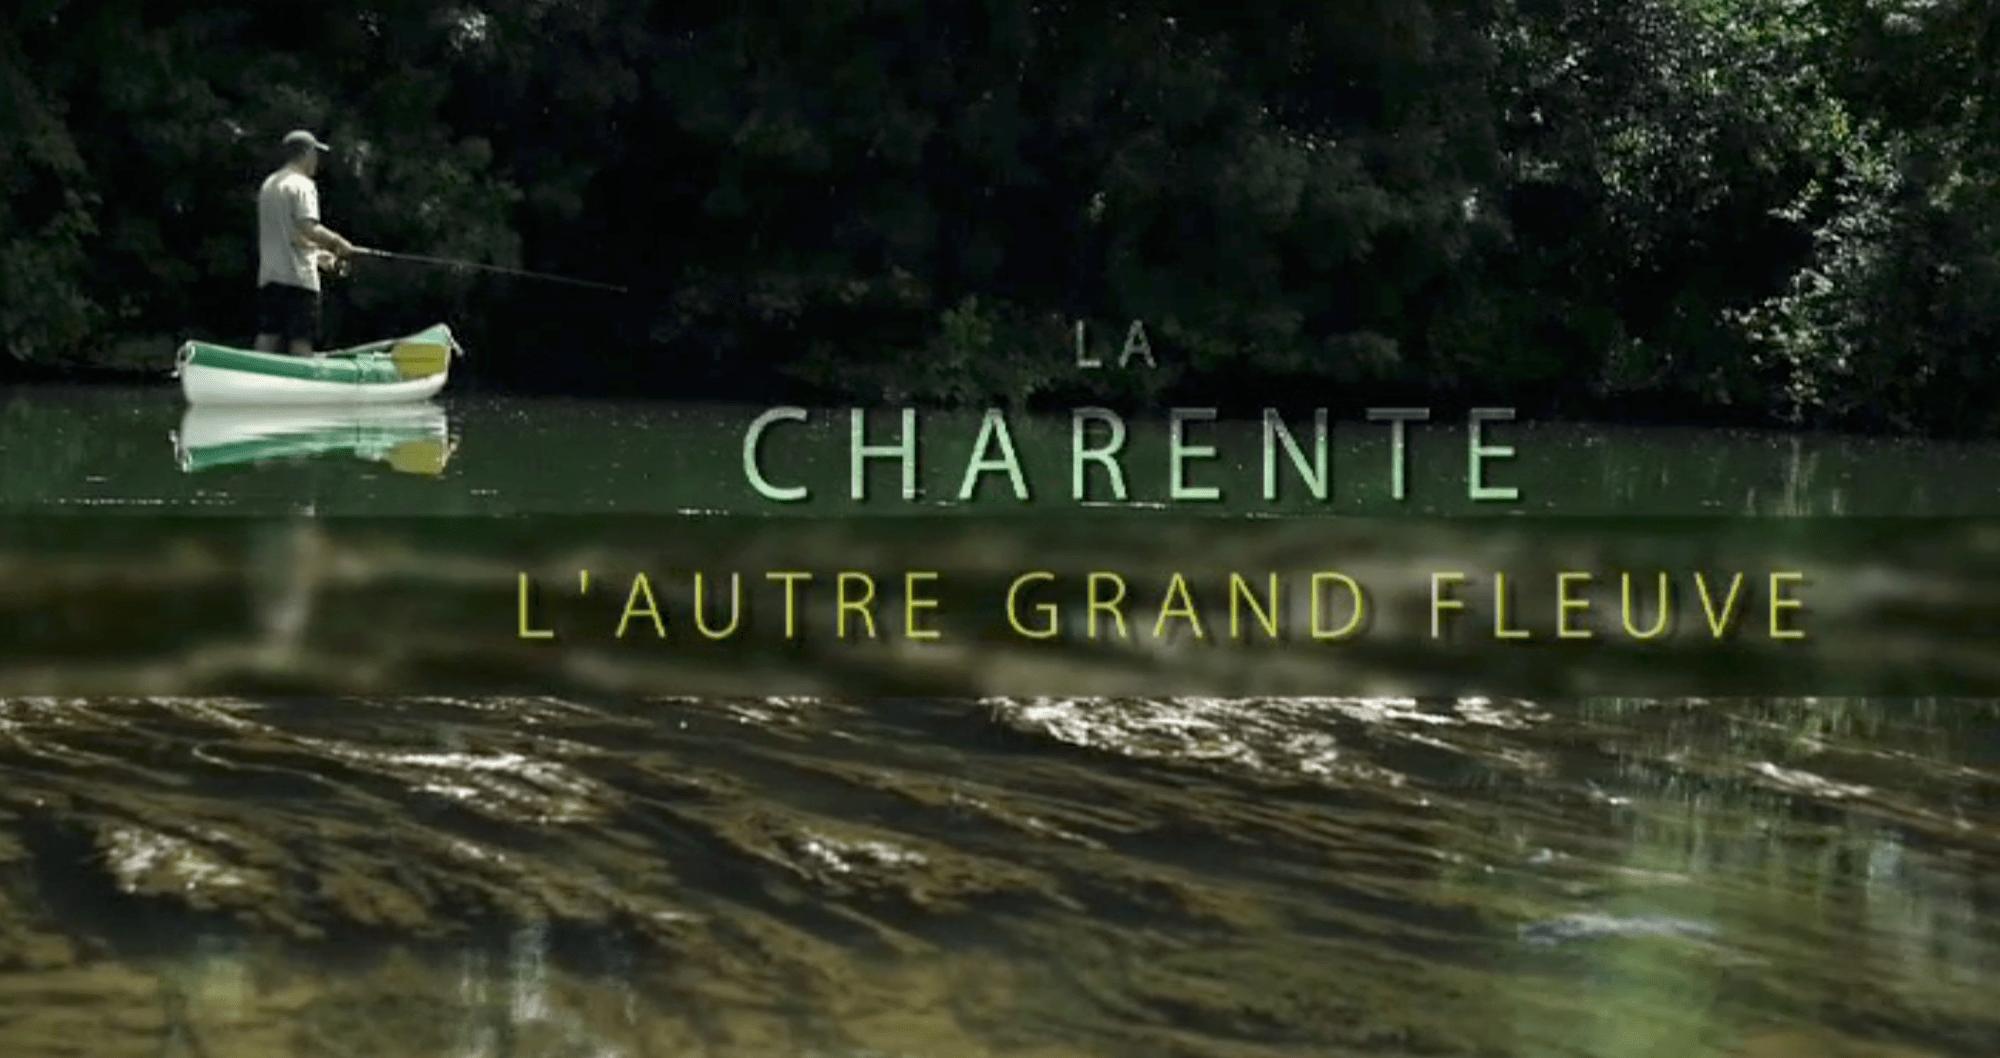 La Charente l